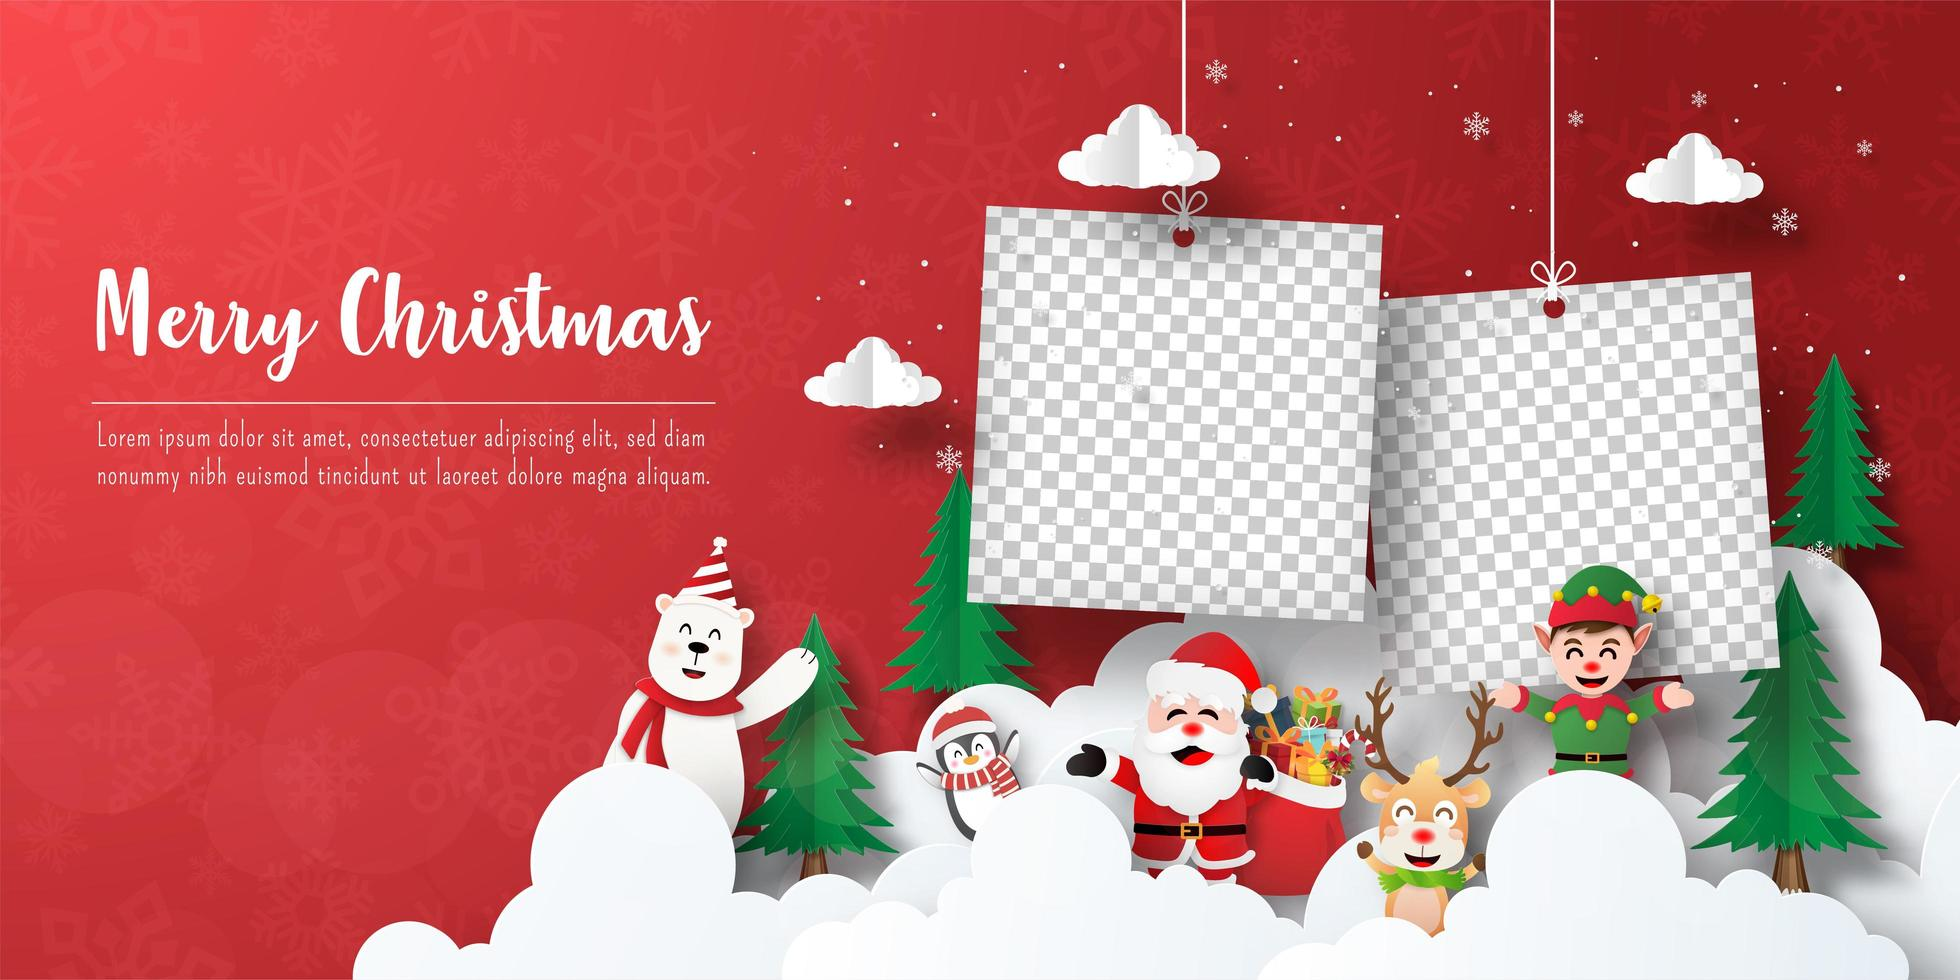 banner de postal navideña de marcos de fotos con santa claus y amigos vector